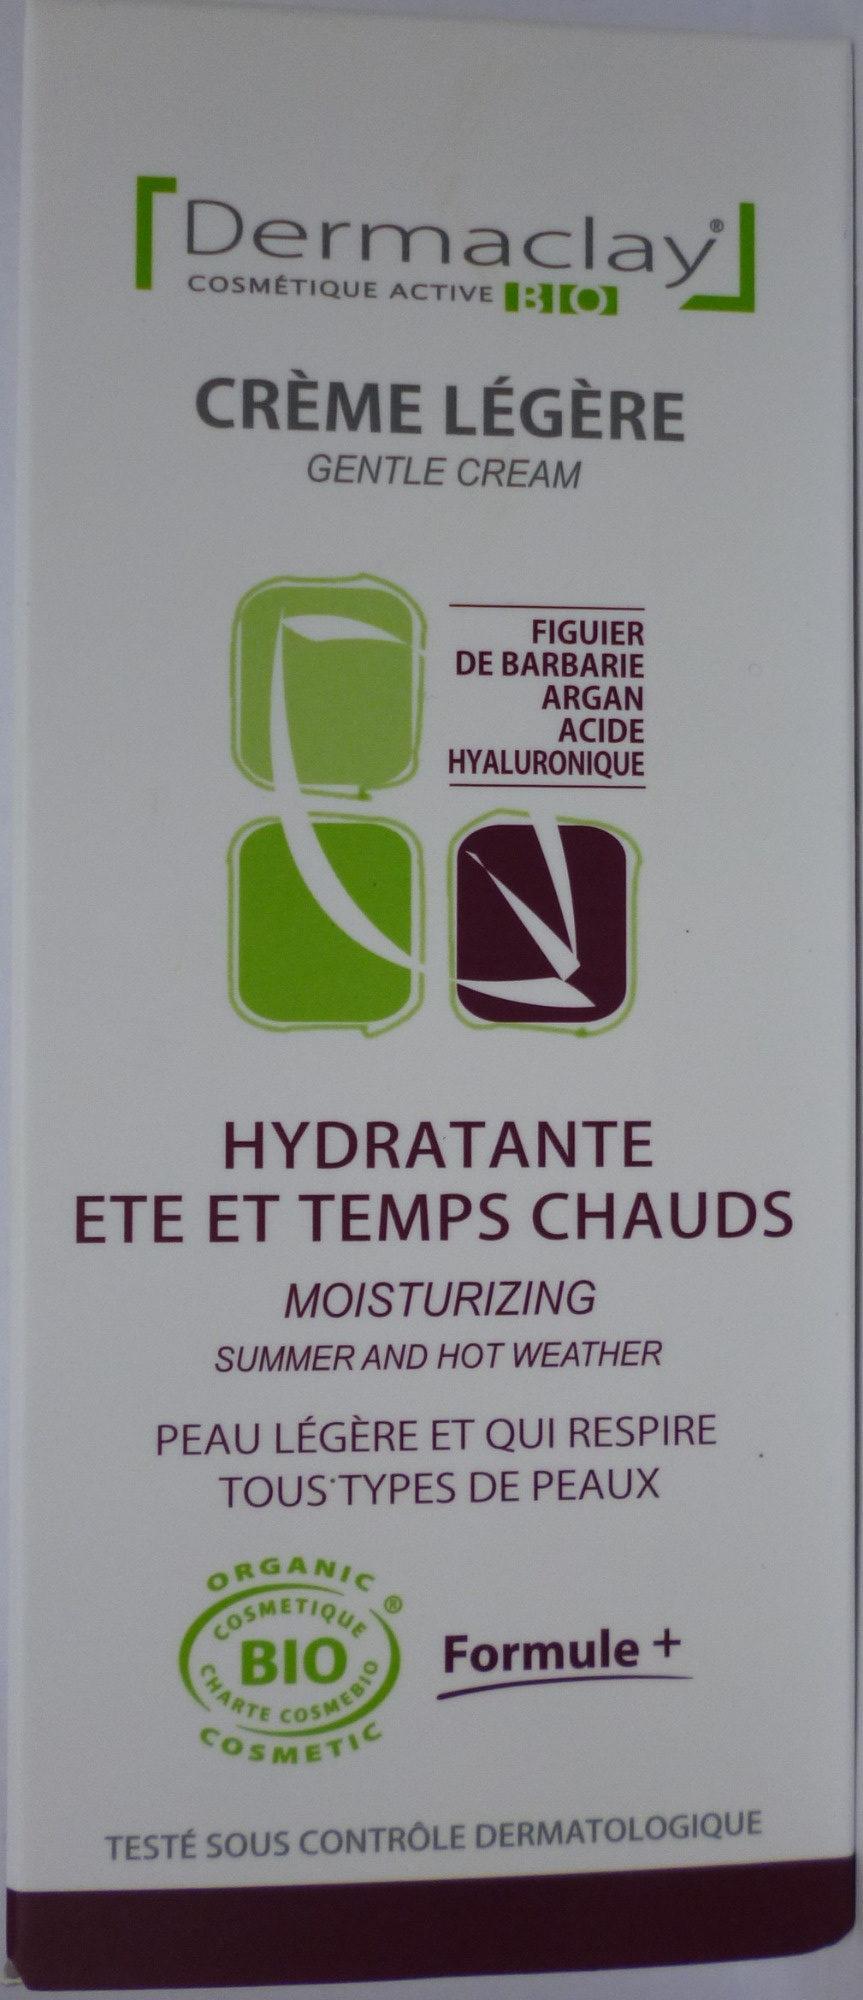 Crème Légère Hydratante Eté et Temps Chauds - Product - fr